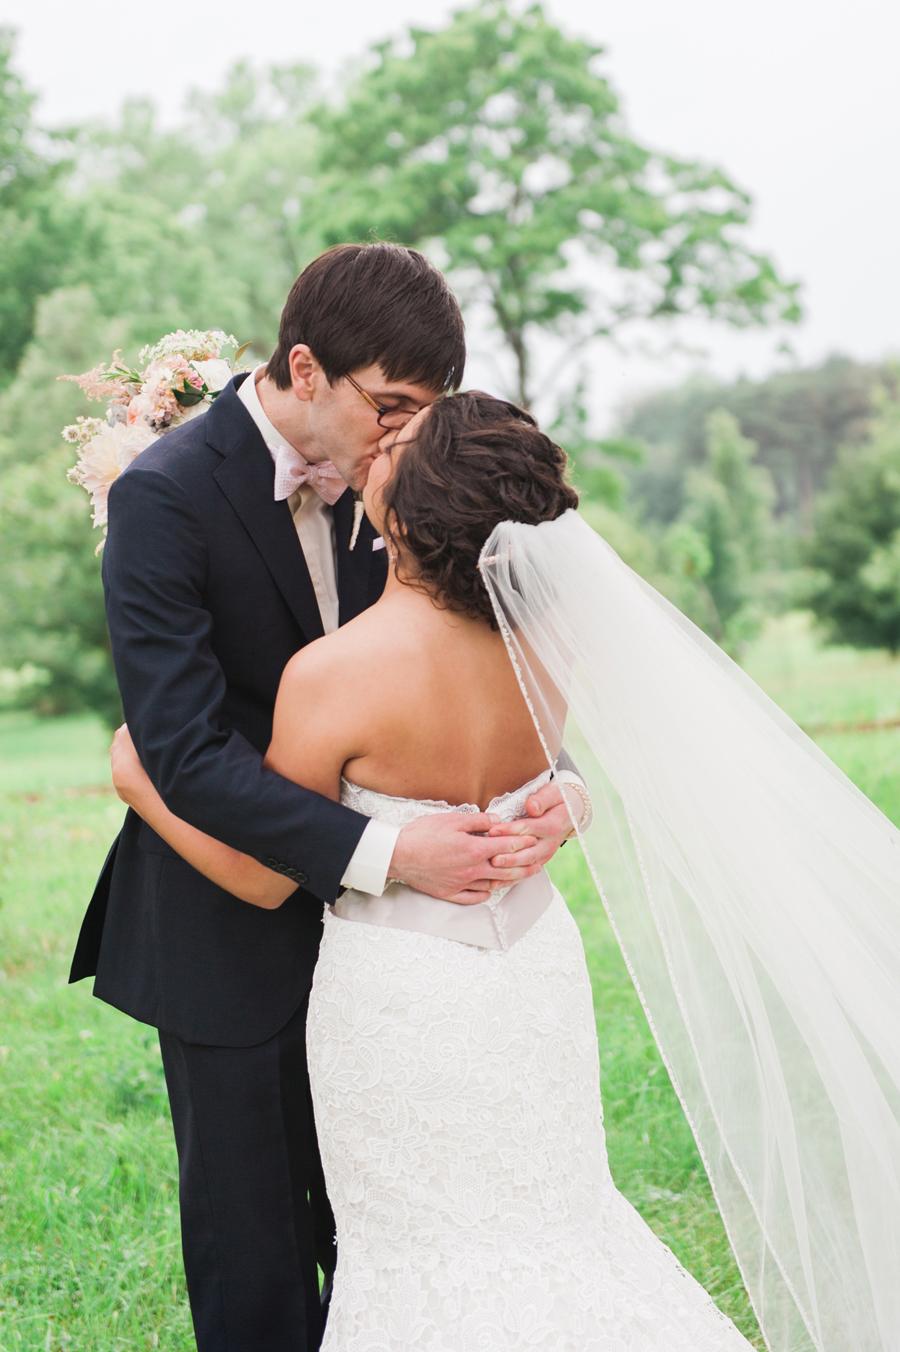 morton-arboretum-wedding-018